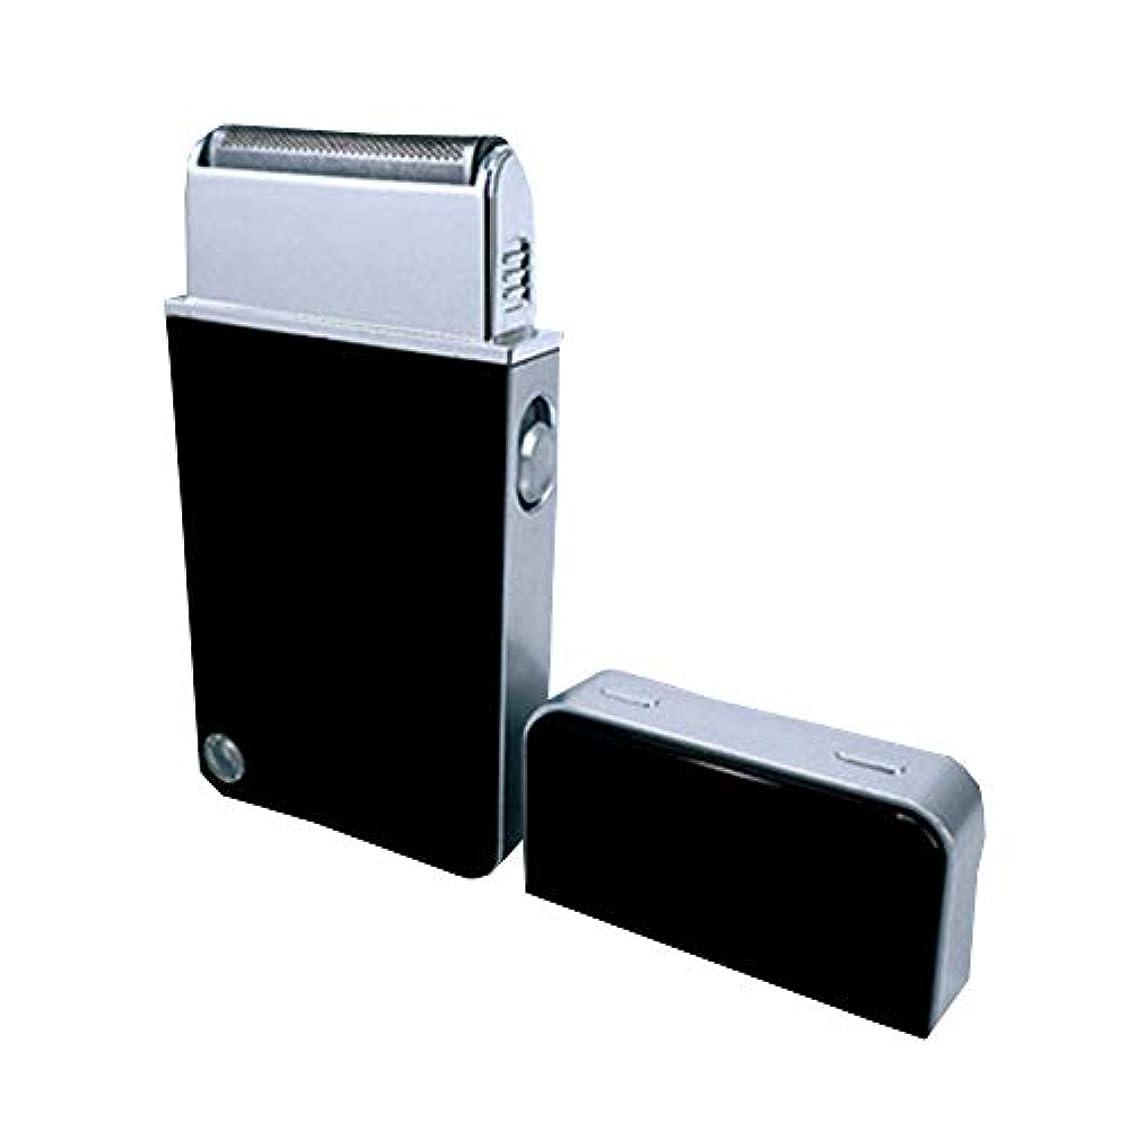 万歳忍耐連続的メンズシェーバー USB充電式 電気シェーバー ひげ剃り コンパクト 携帯用シェーバー 旅行用 軽量 ギフトCSH004